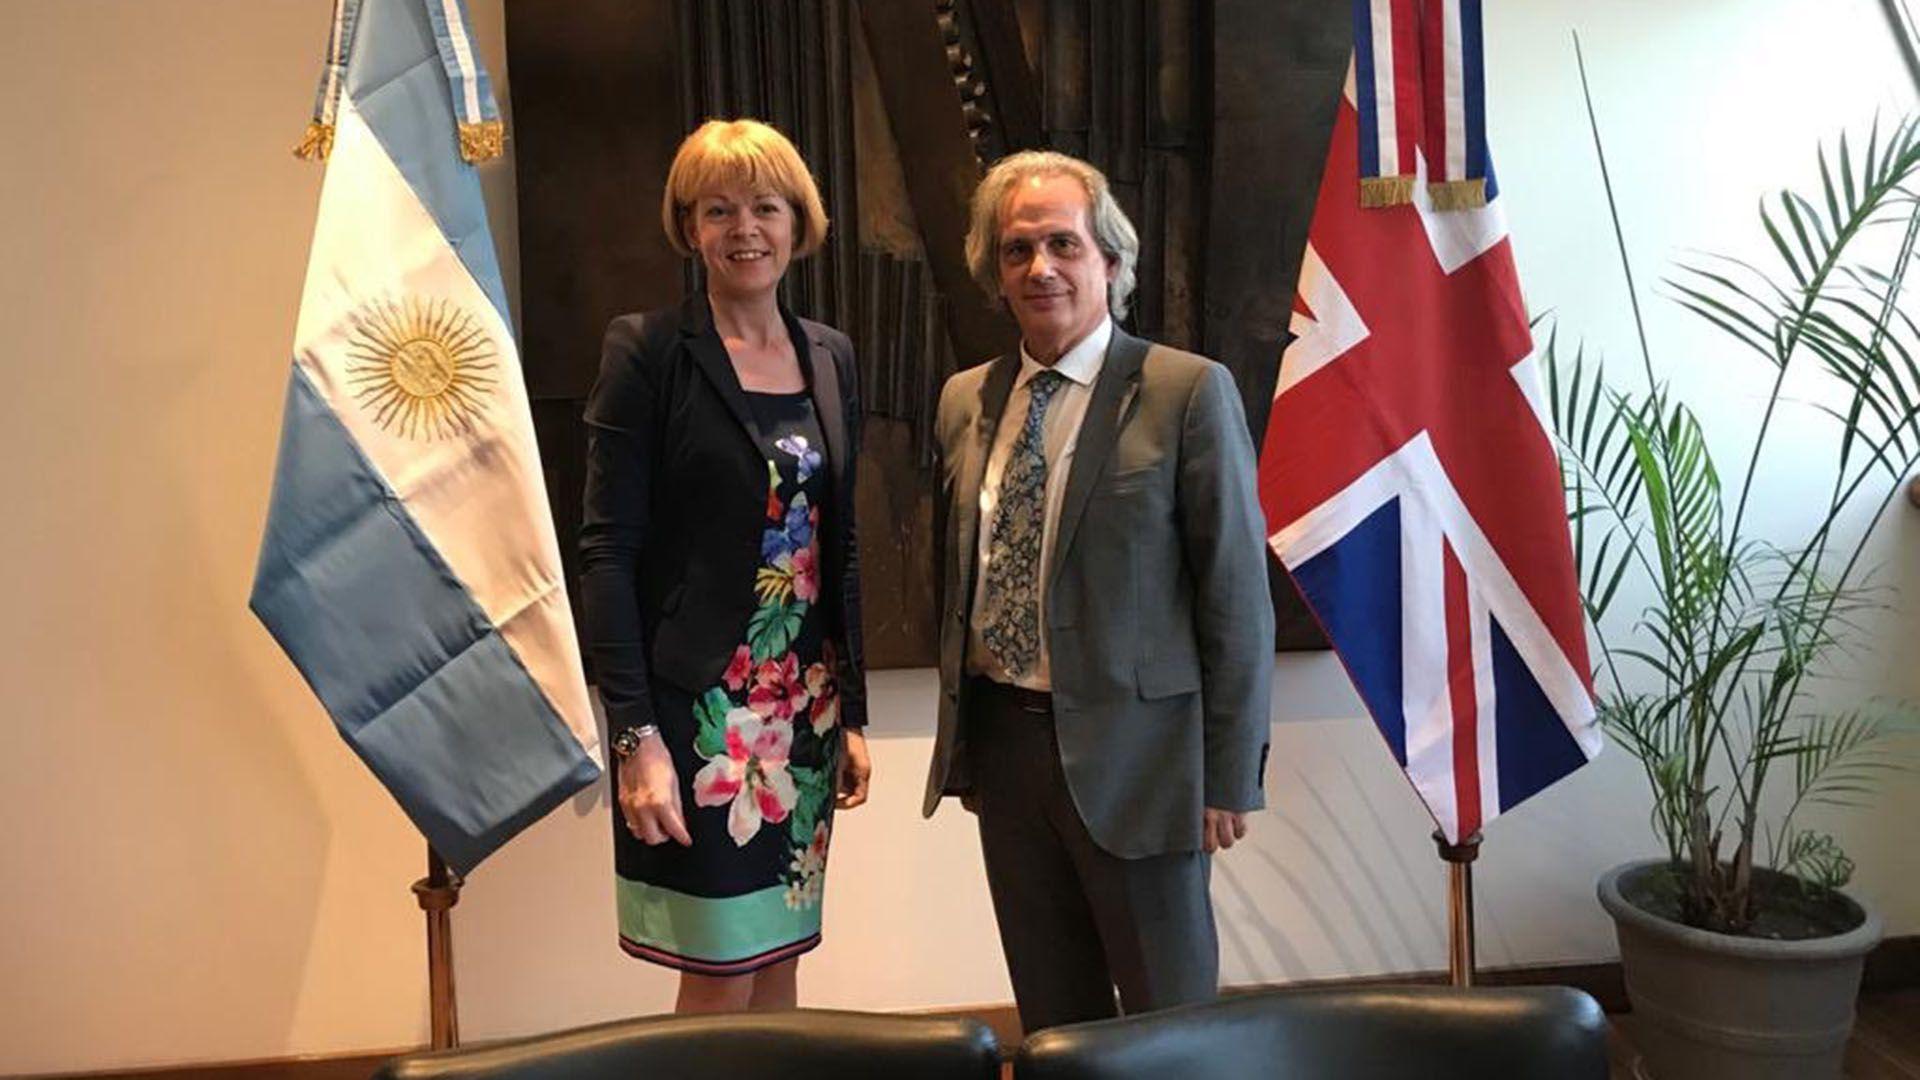 El vicecanciller Tettamanti recibió a su par británica Wendy Morton en su despacho de la Cancillería